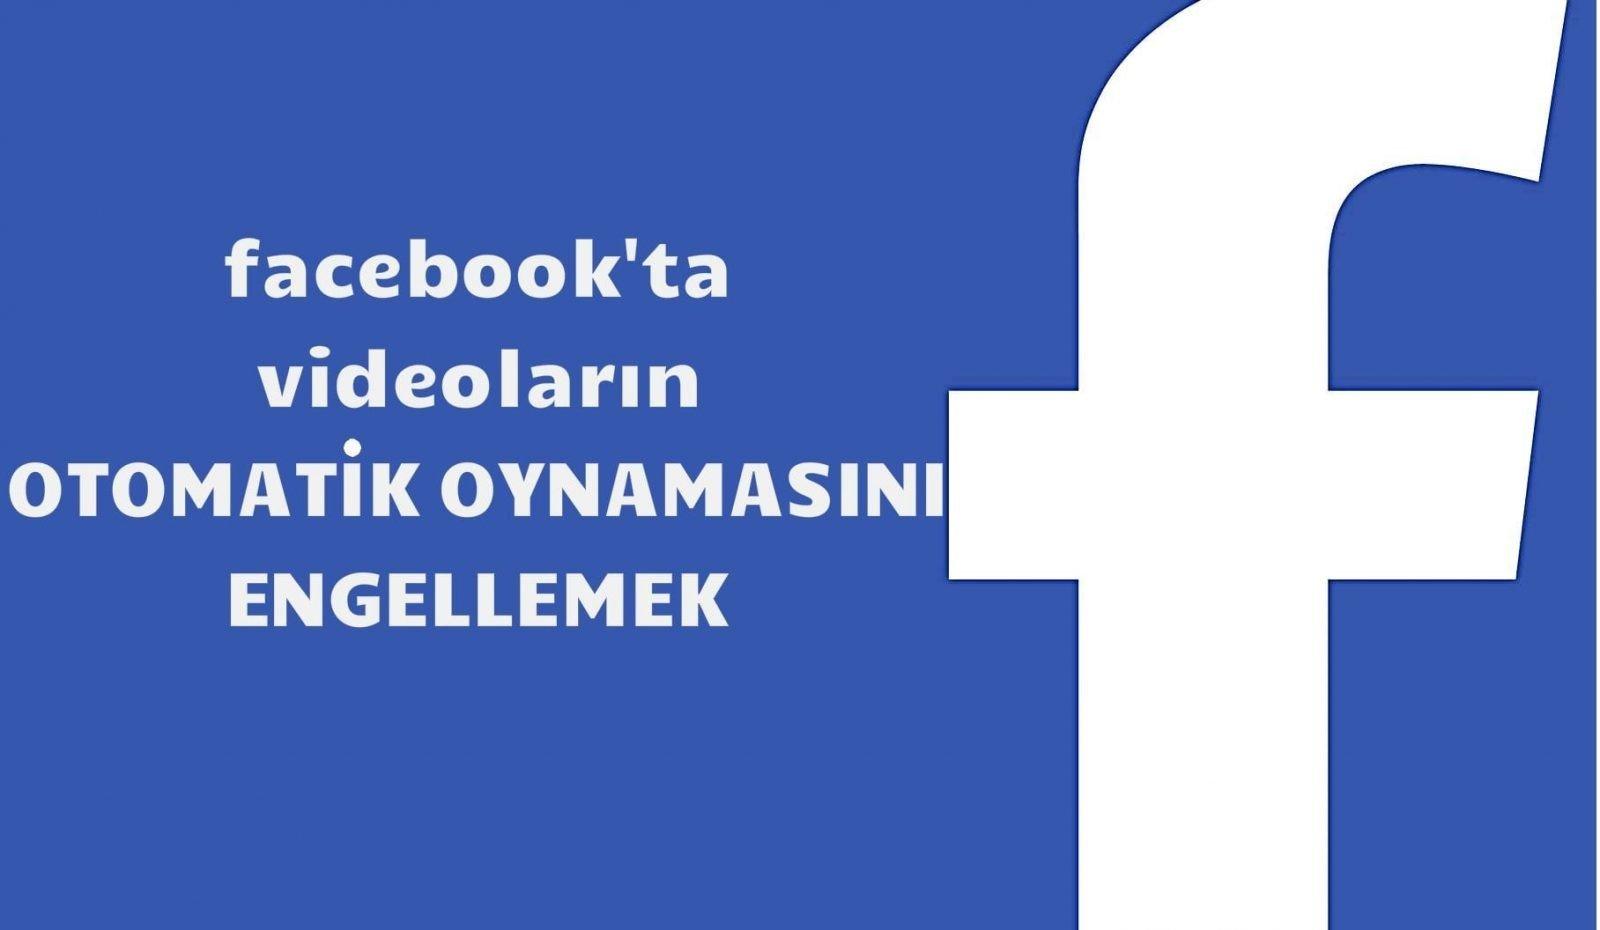 Photo of Facebook Videolarını Otomatik Oynatmayı Durdurma